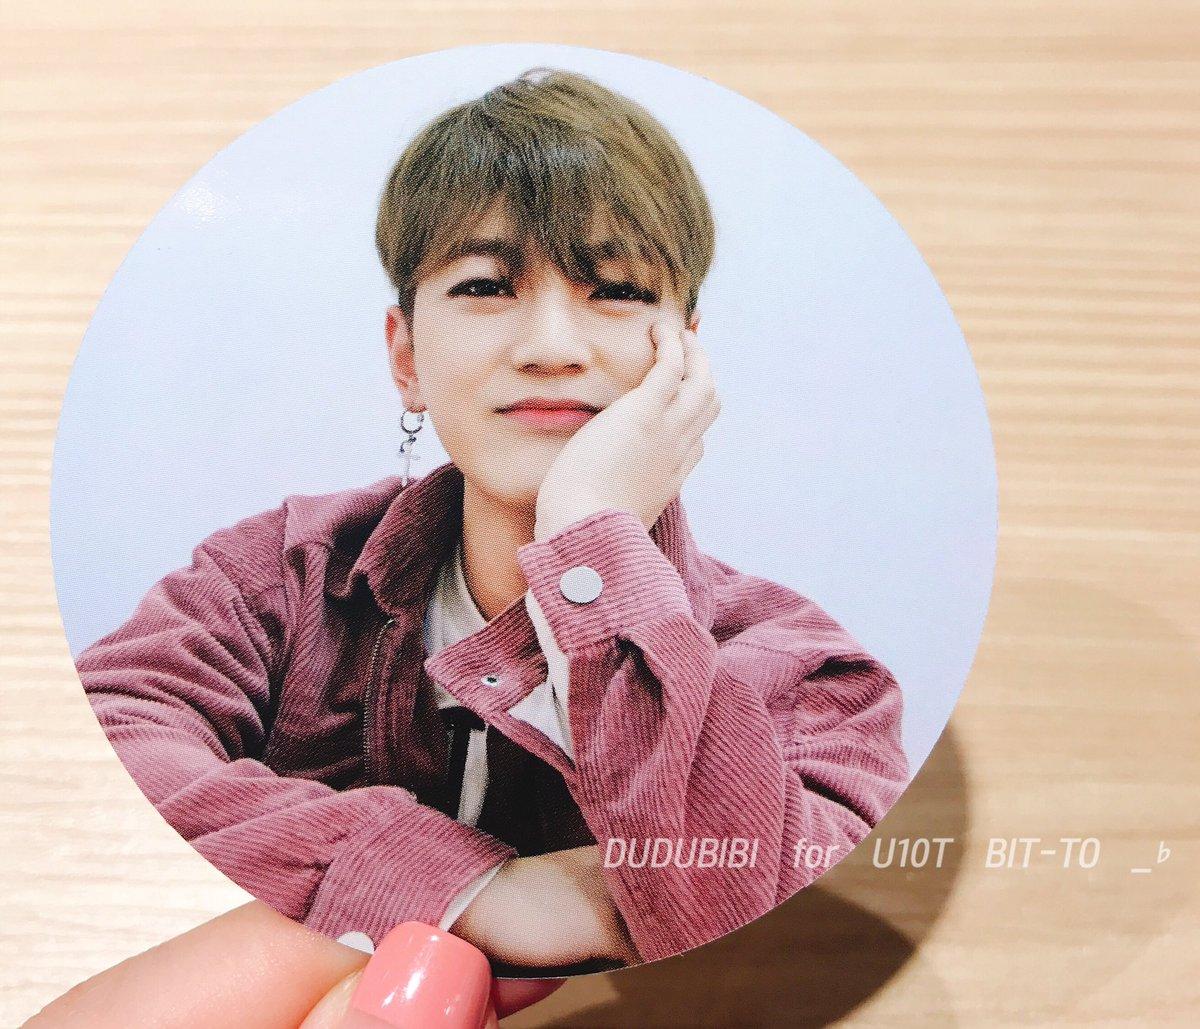 [#INFO| 18/10/17] Cards circulares de Bit-to e Sunyoul no &#39; 2017 Special Photo Edition&#39;  Cr: Na imagem <br>http://pic.twitter.com/tleQt8DmWb